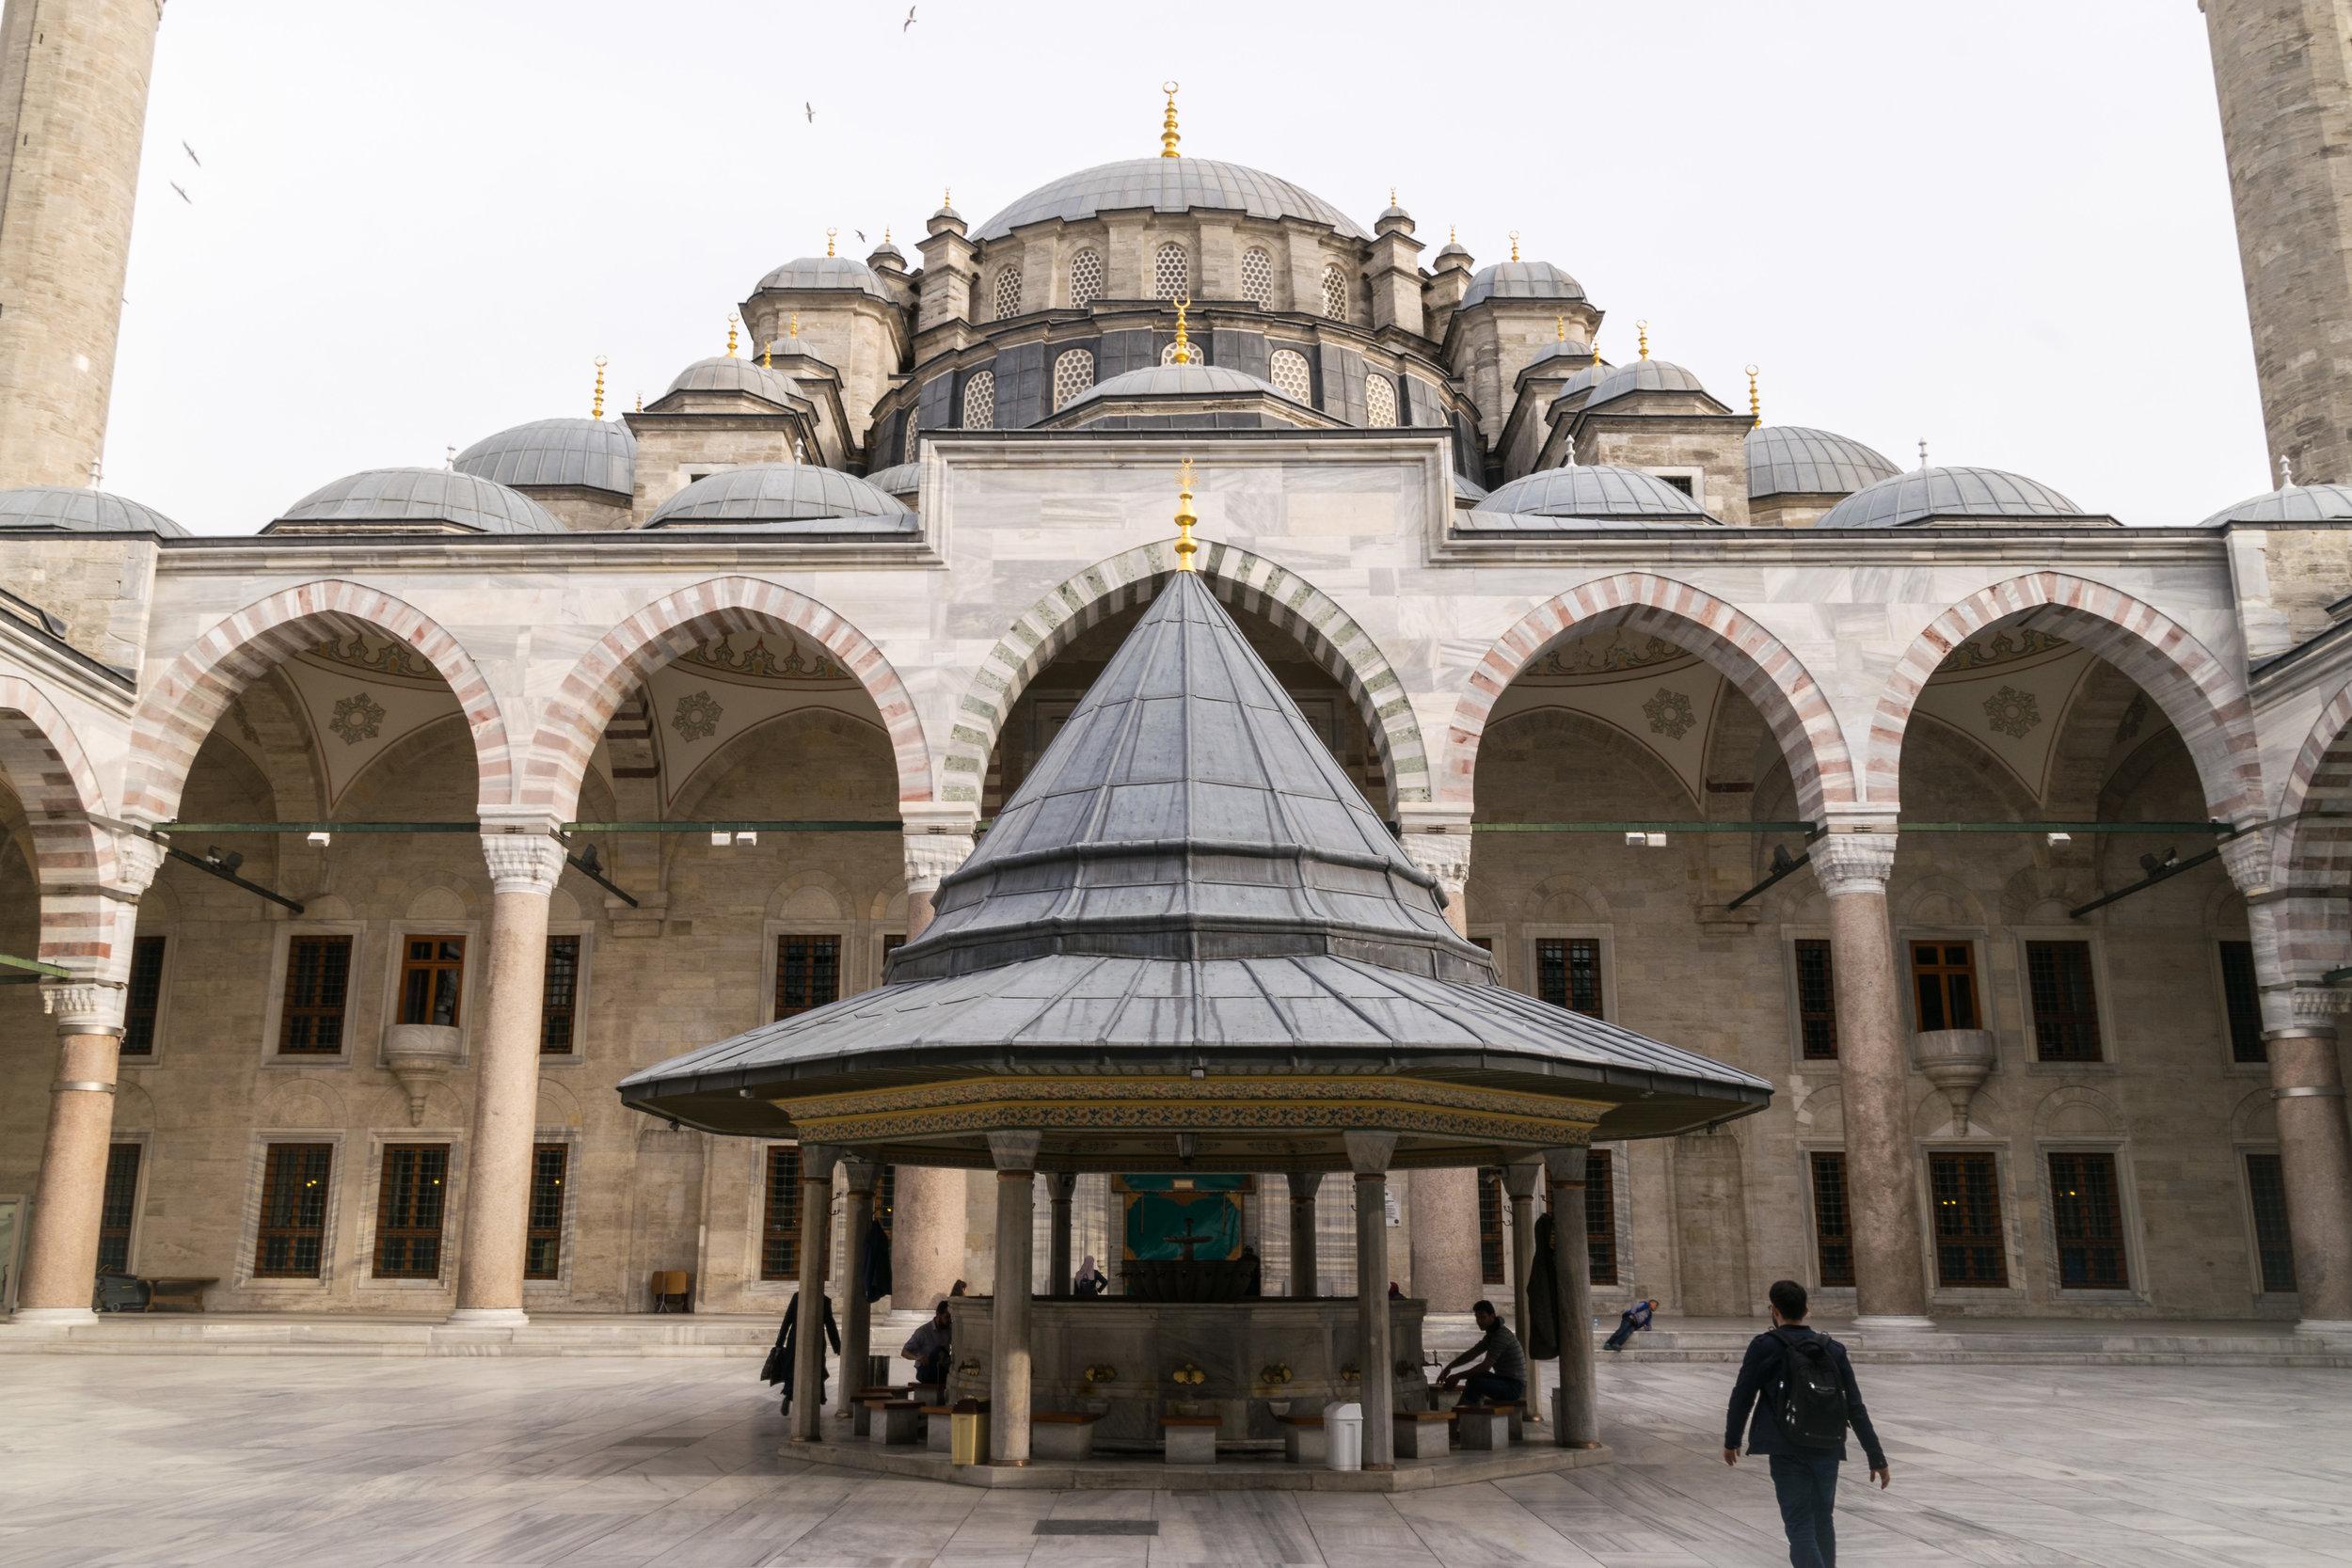 Istanbul UNESCO_Fatih Mosque-4.jpg